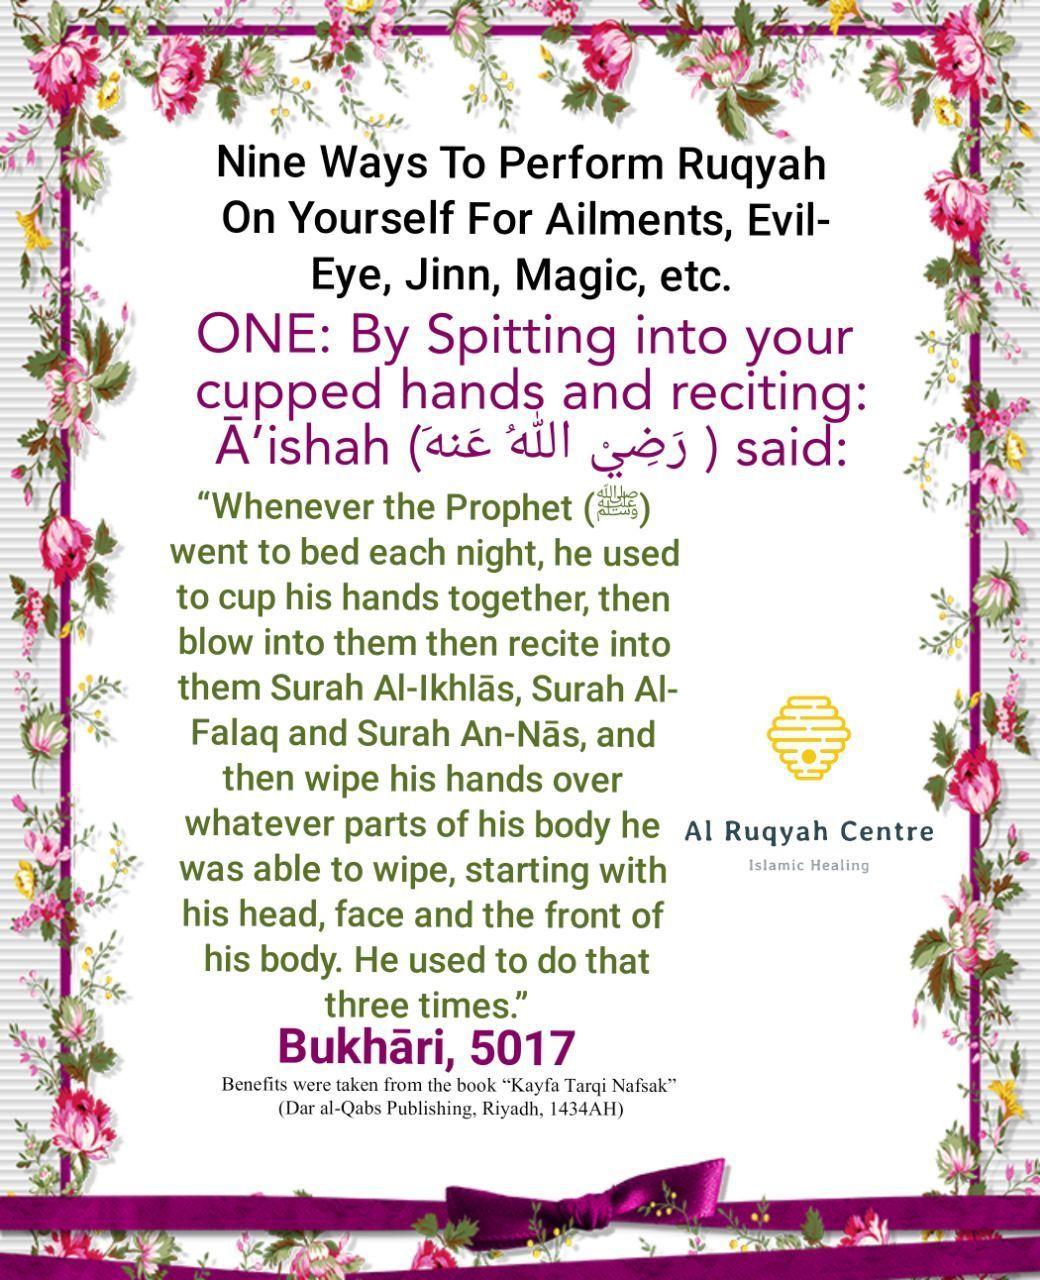 Assalāmu 'alaykum warahmatullāhi wa barakātuhu